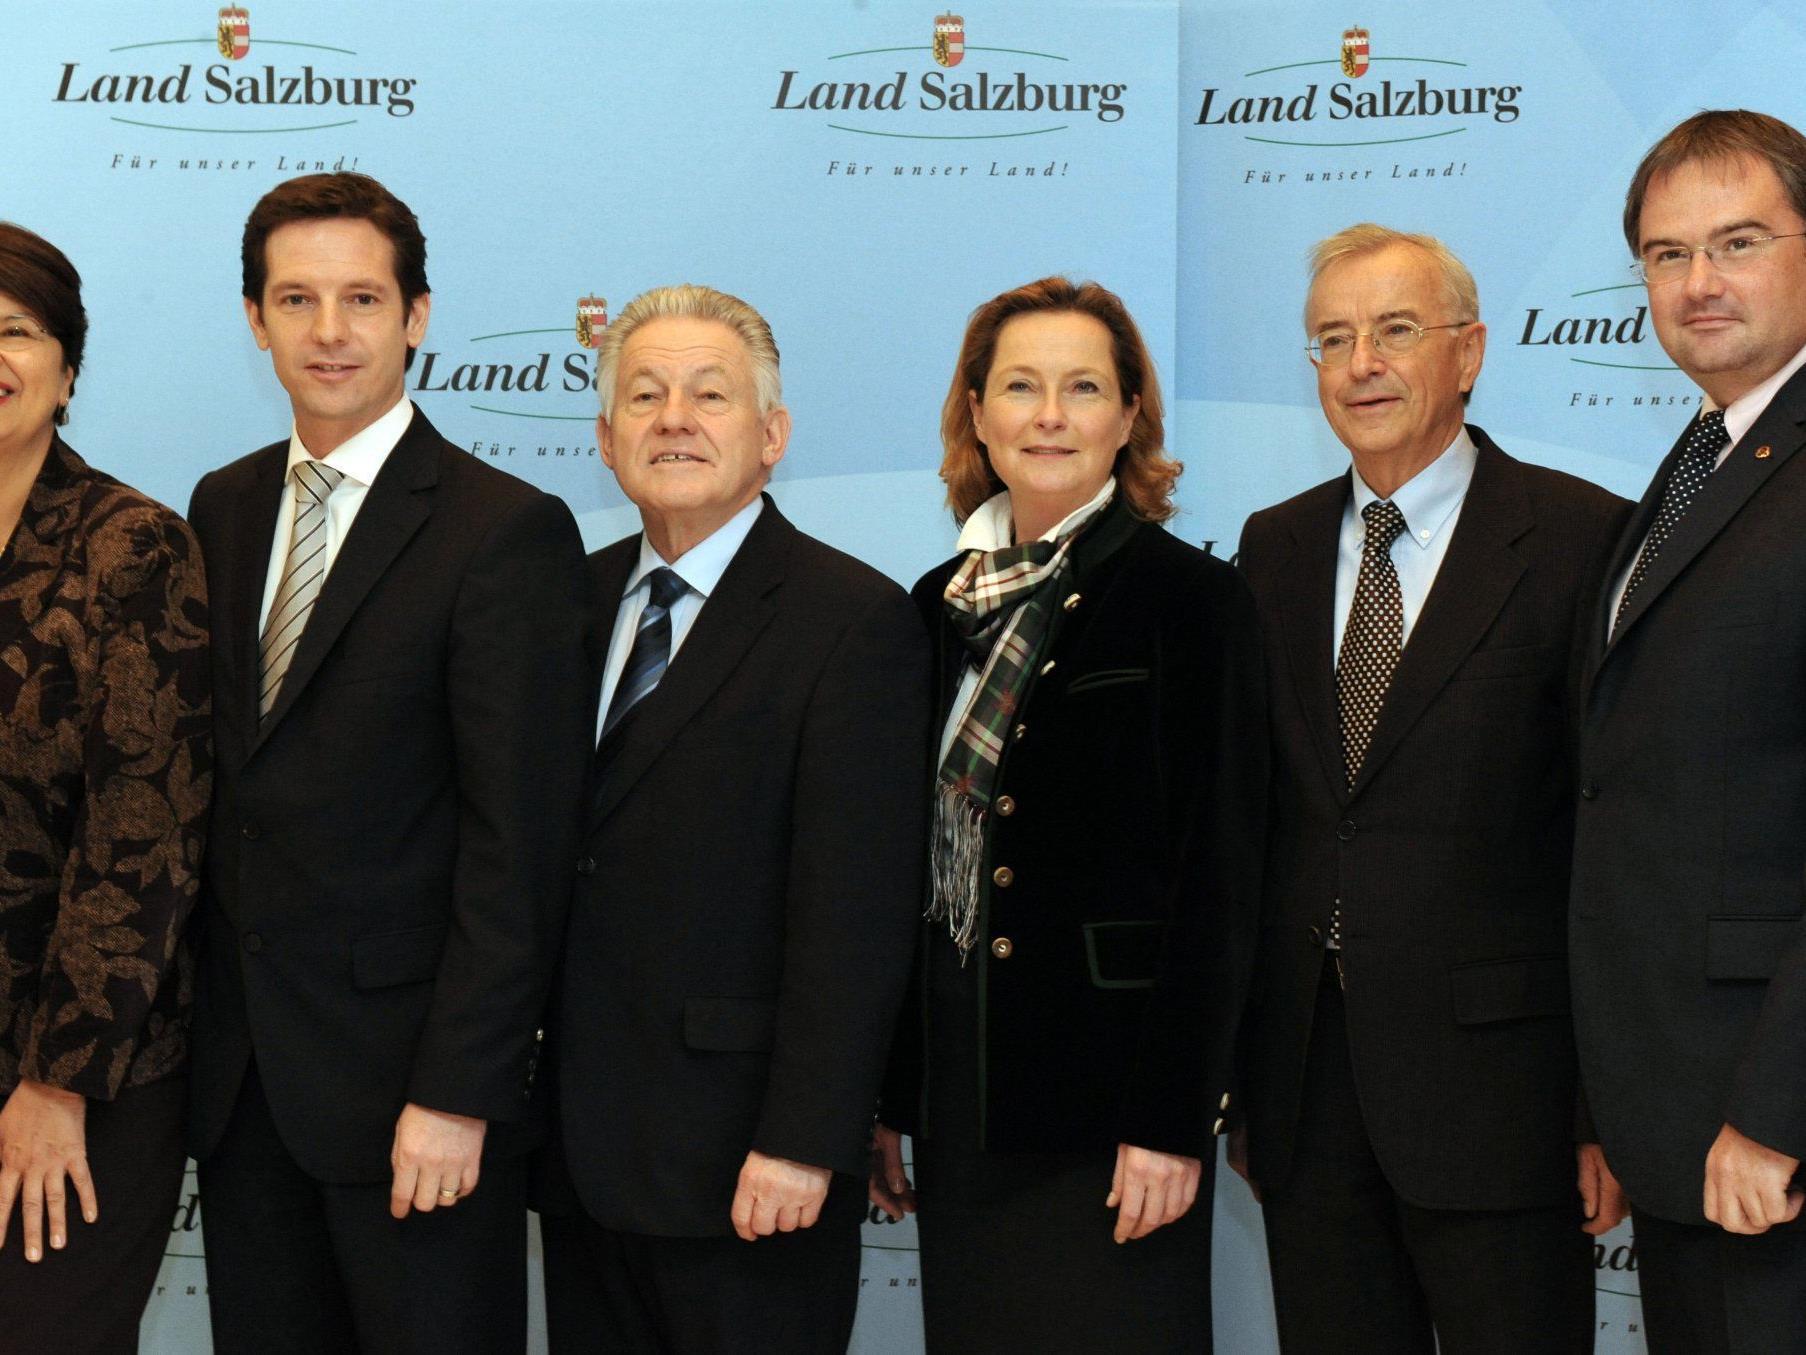 LHStv. Renate Brauner (Wien), LHStv. David Brenner (Salzburg), LH Josef Pühringer Oberösterreich), LR Bettina Vollath (Steiermark), LH Herbert Sausgruber (Vorarlberg) und LR Christian Switak (Tirol)